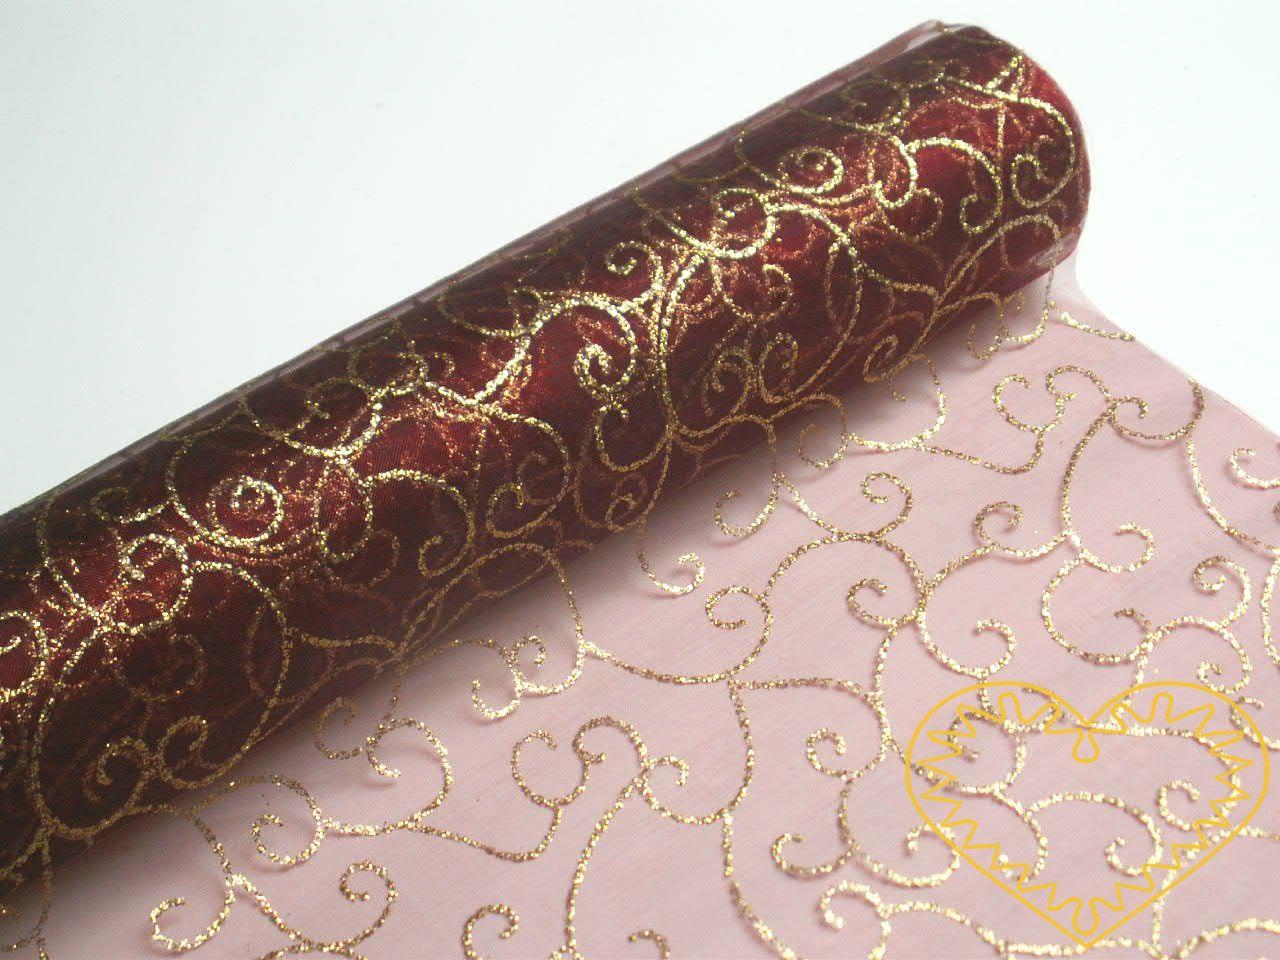 Organza bordó se zlatým třpytivým vzorem - šíře 40 cm, délka 5 m. Vypadá velice slavnostně a reprezentativně. Vhodná k dekorování, aranžování a výzdobě slavnostní tabule, pro balení dárků, ozdob, broží apod.